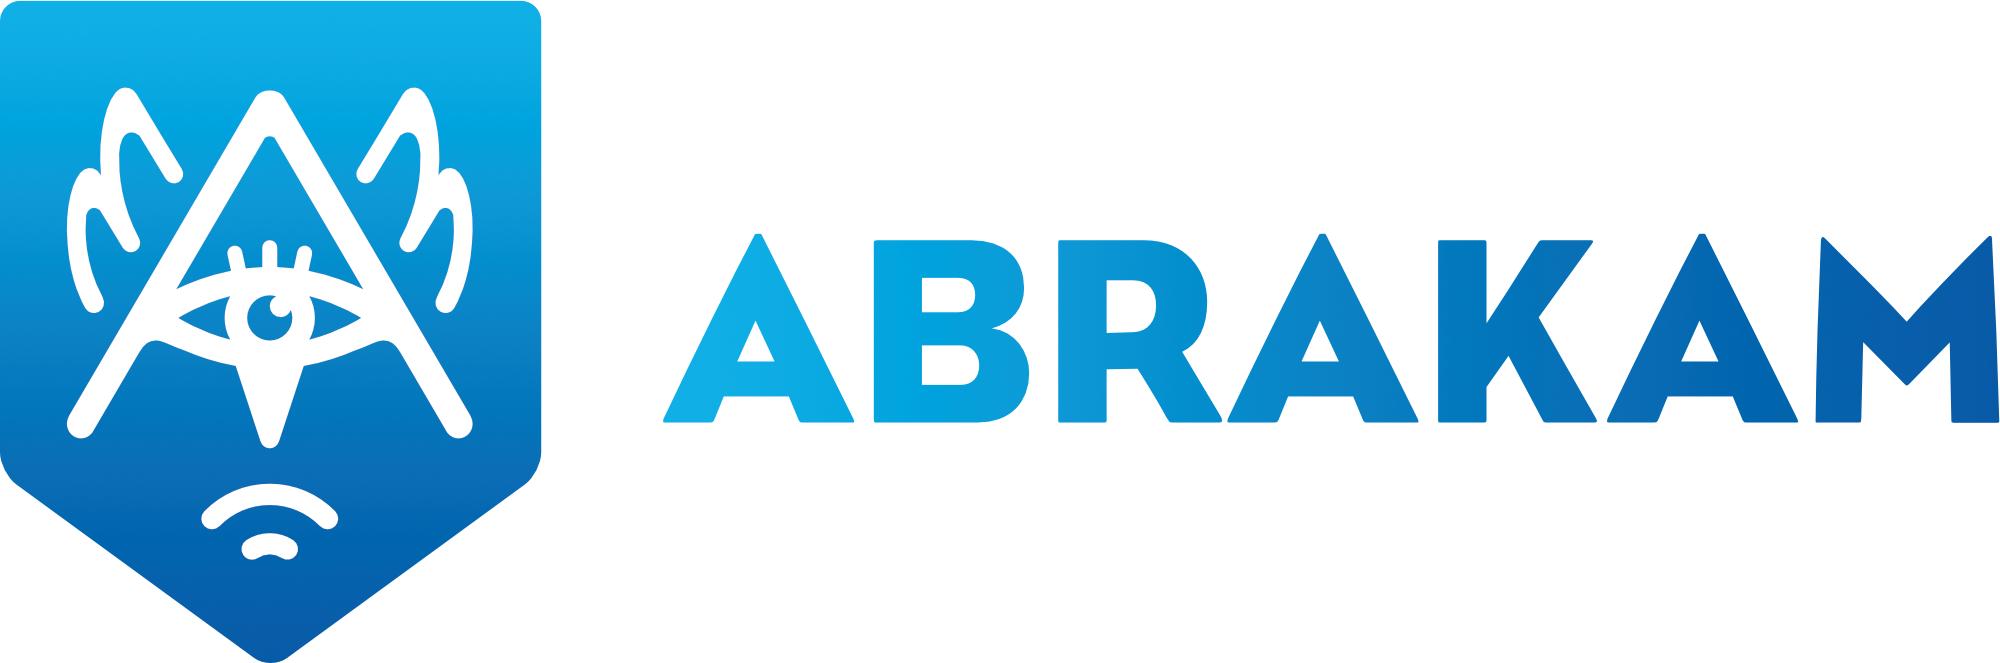 Abrakam logo